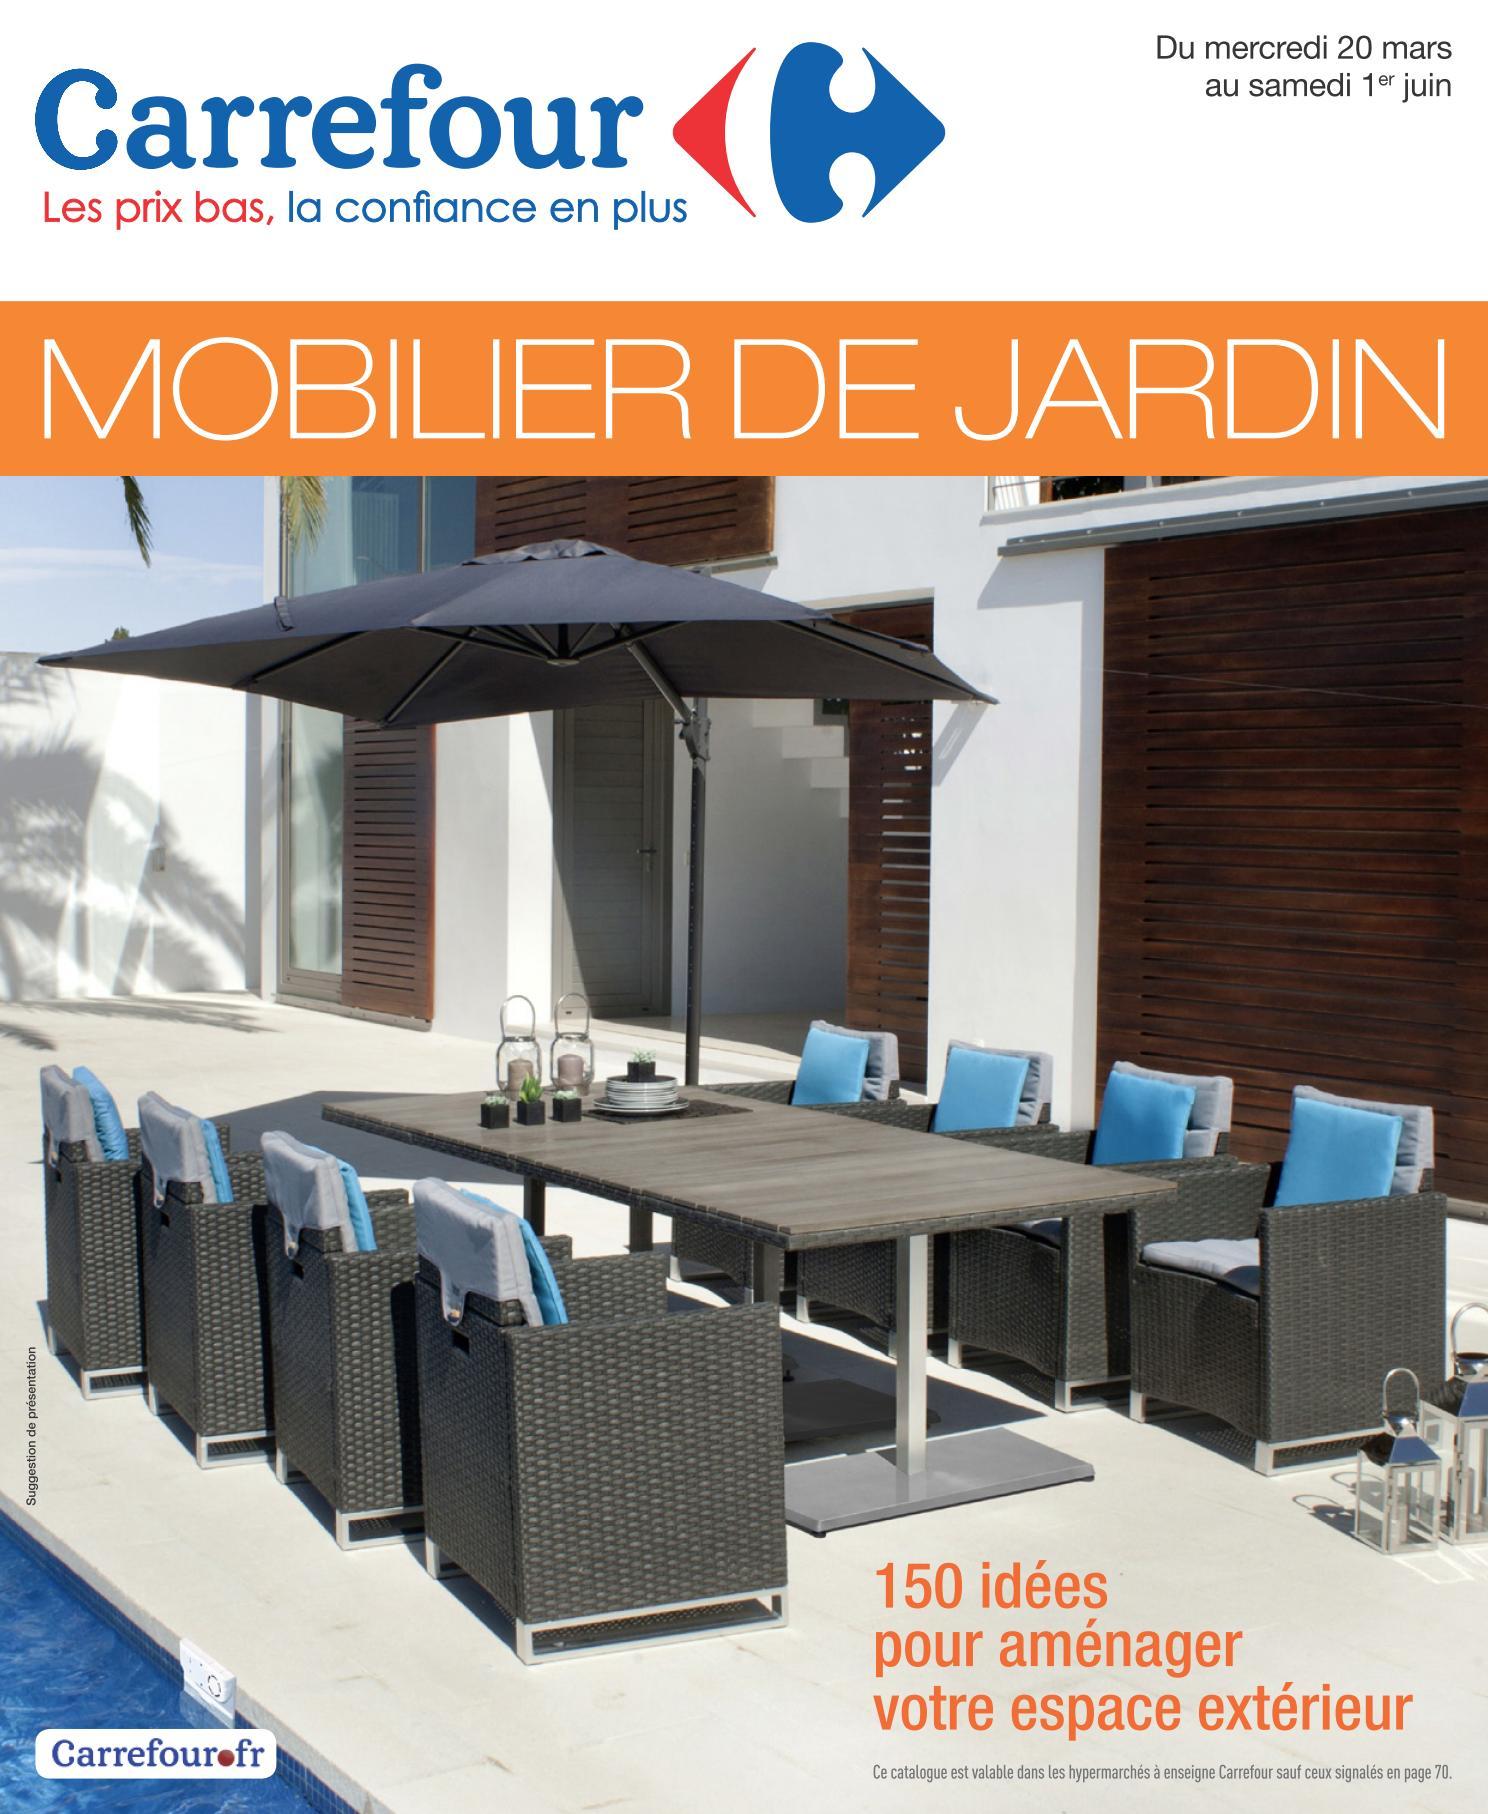 Salon De Jardin A Carrefour - The Best Undercut Ponytail pour Serre De Jardin Carrefour